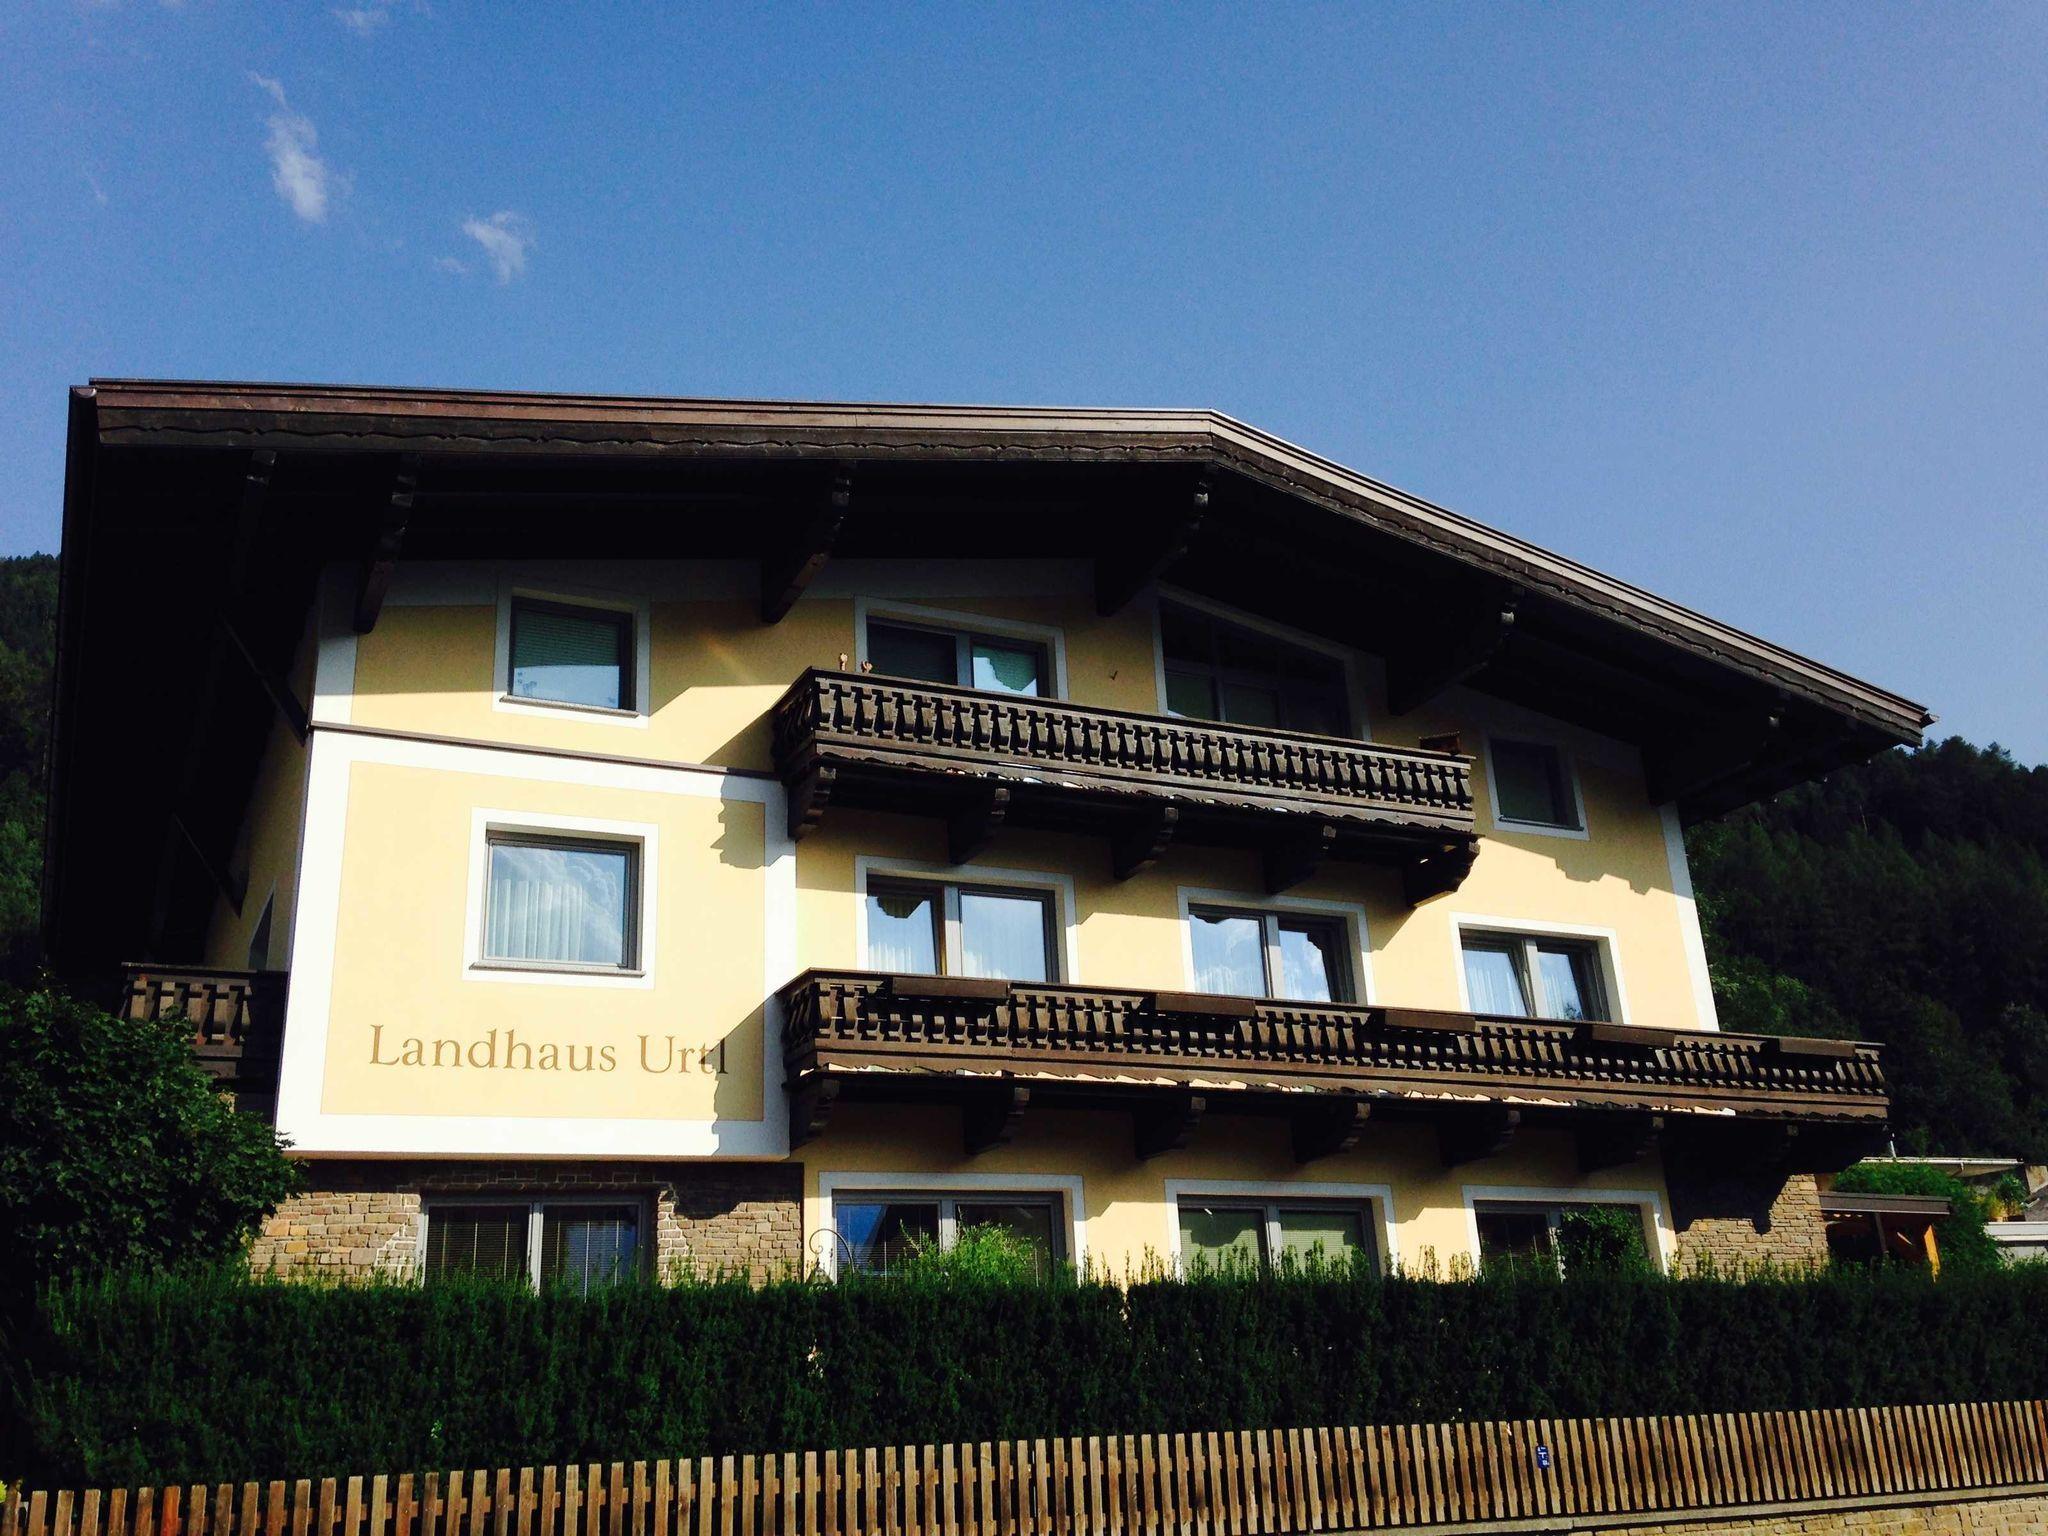 Landhaus Urtl - Hofer Angelika